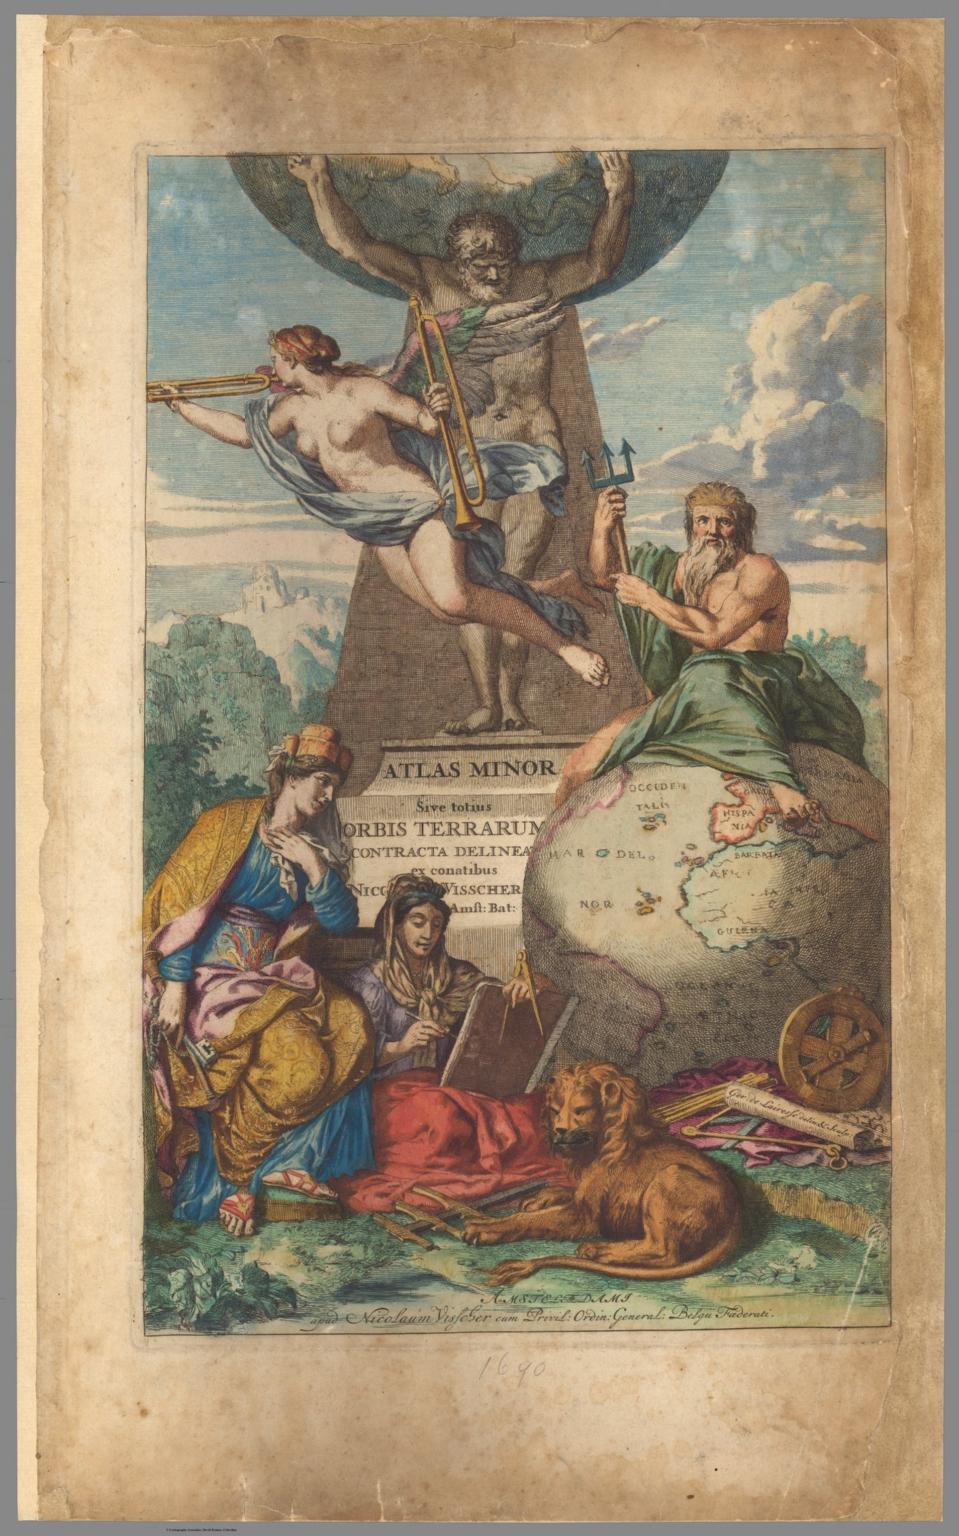 Title: Atlas minor sive totius orbis terrarum contracta